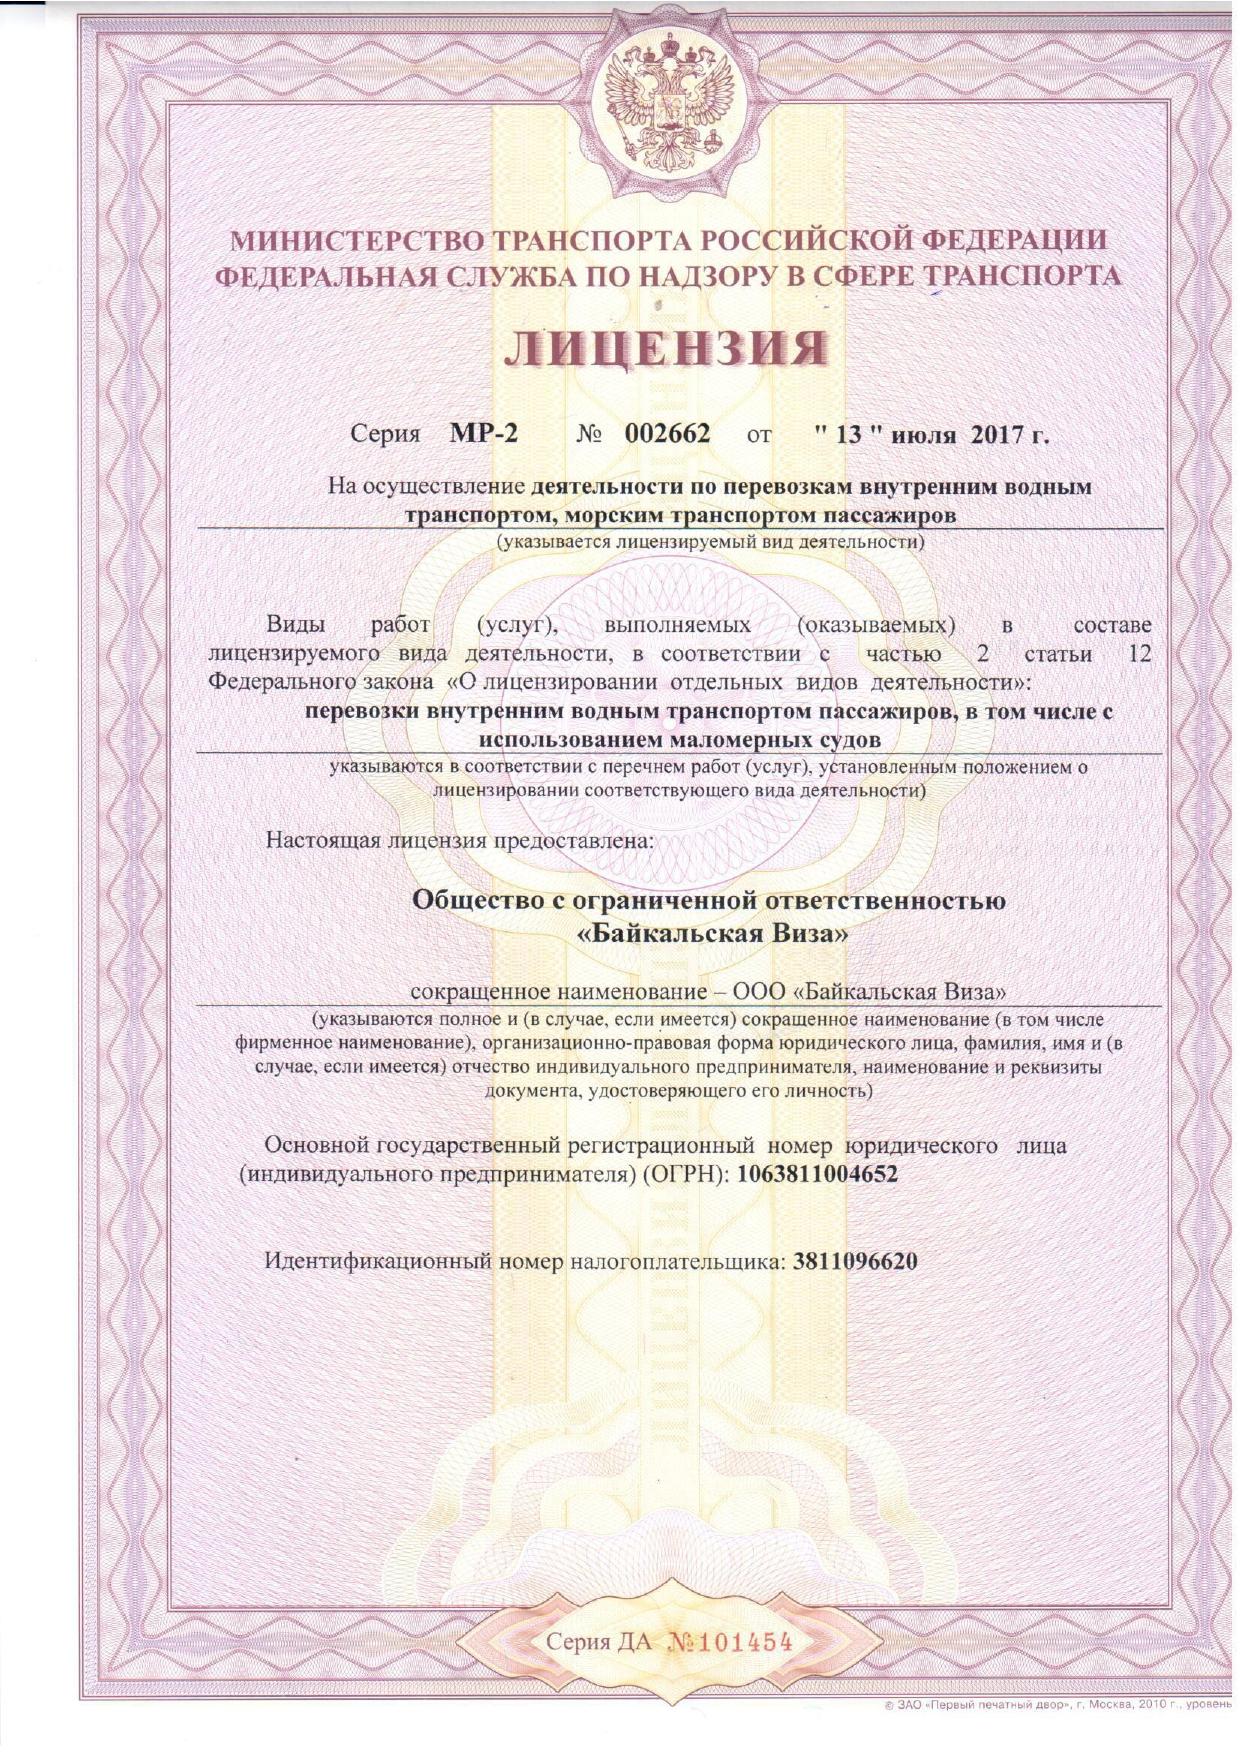 лицензируется ли строительная деятельность